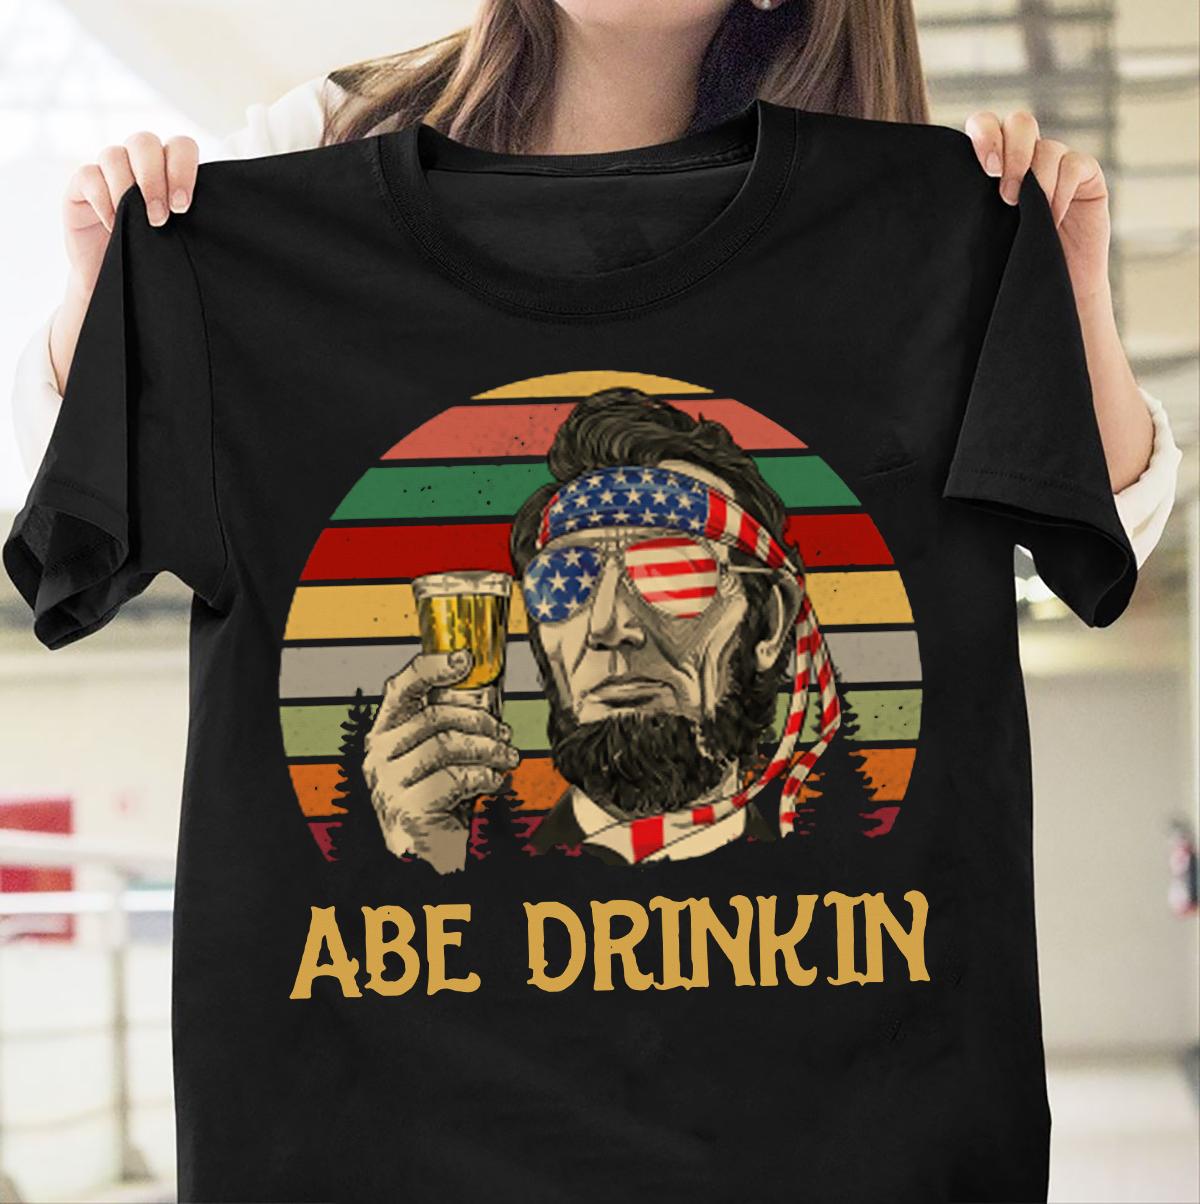 Abe Drinkin Beer-Camiseta Vintage del 4 de julio, camiseta Unisex a la...